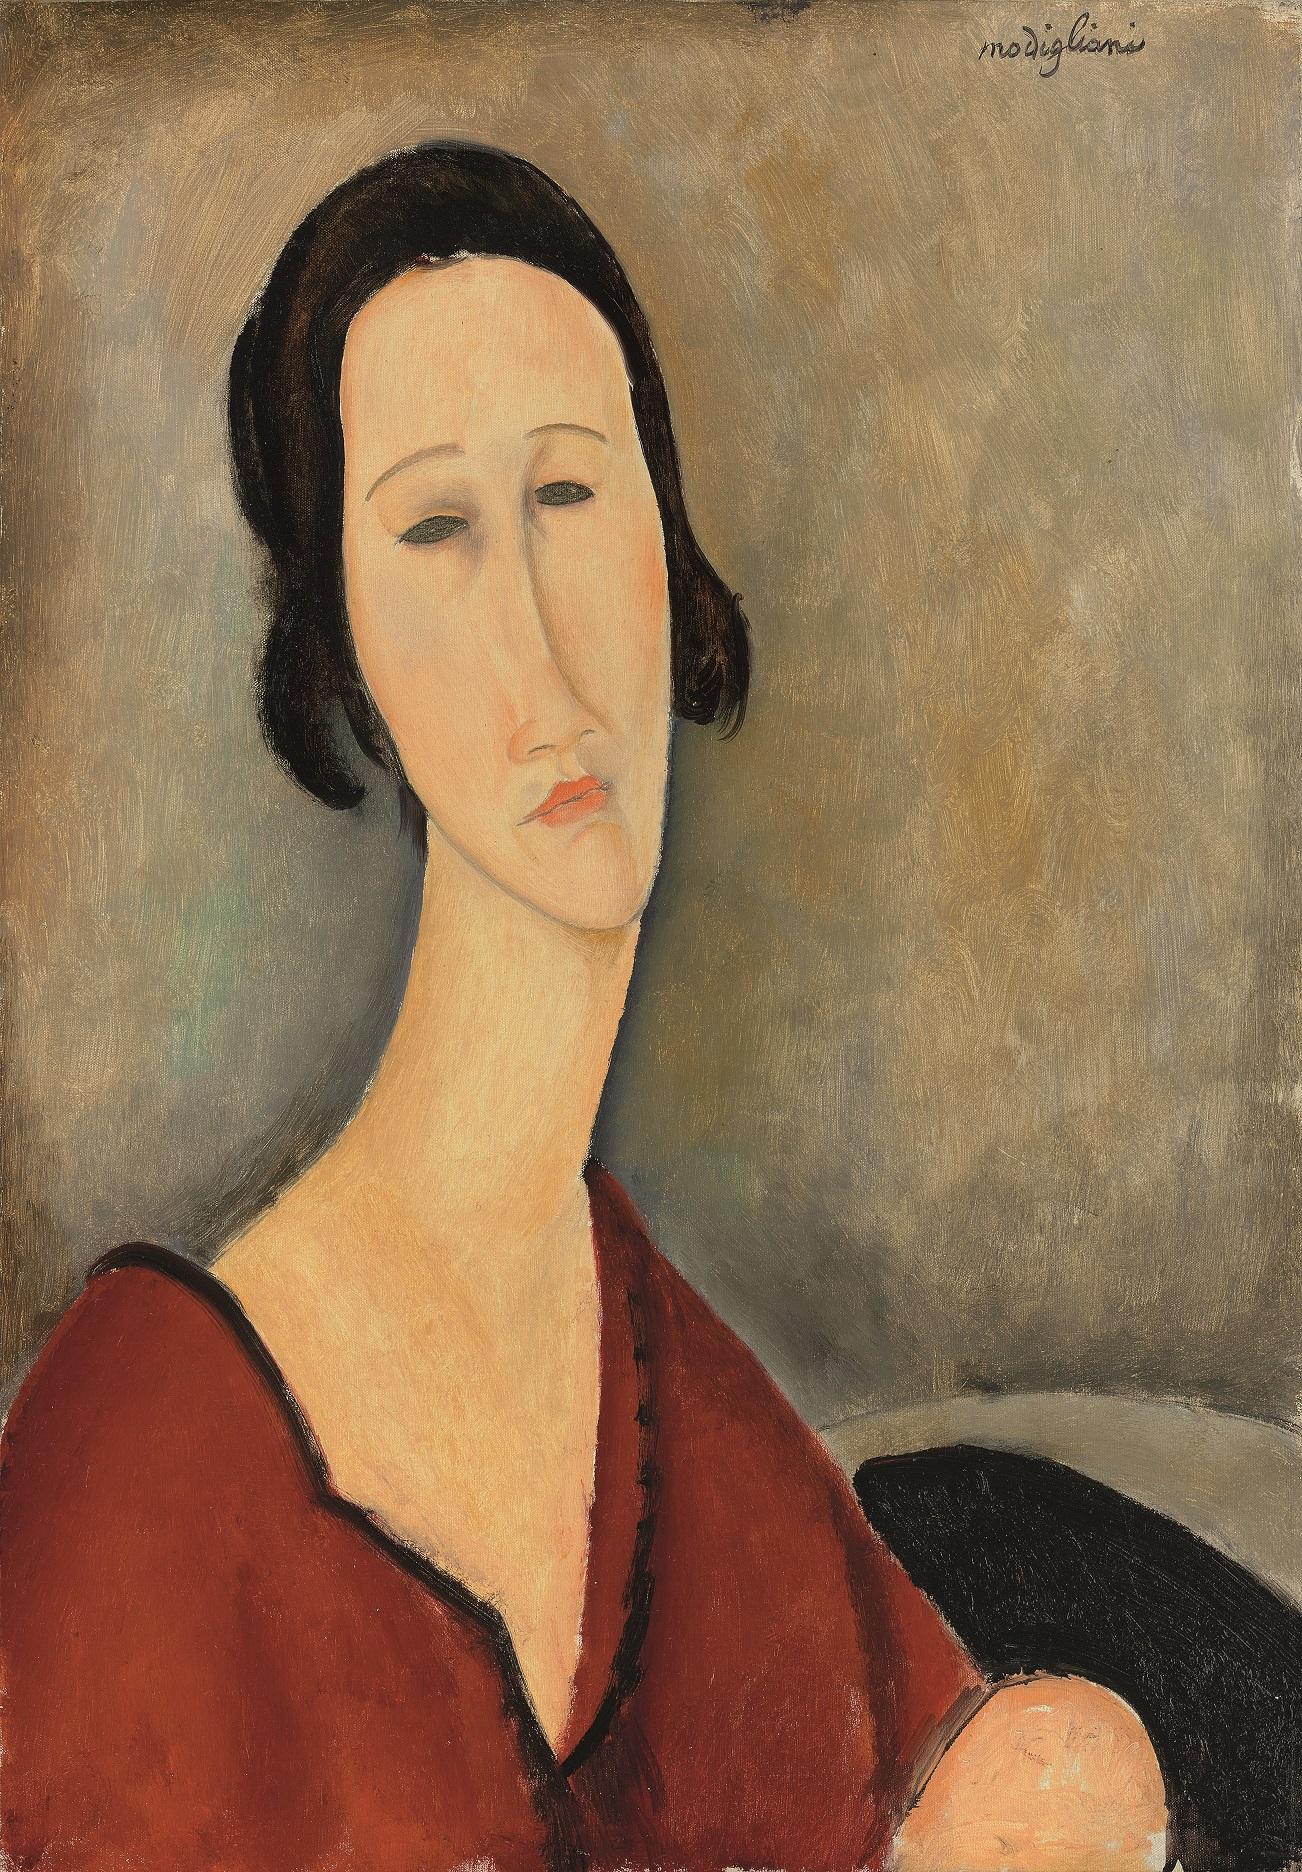 Ancora Modì all'asta. Da Christie's il ritratto di Madame Zborowska stima £5-7 milioni